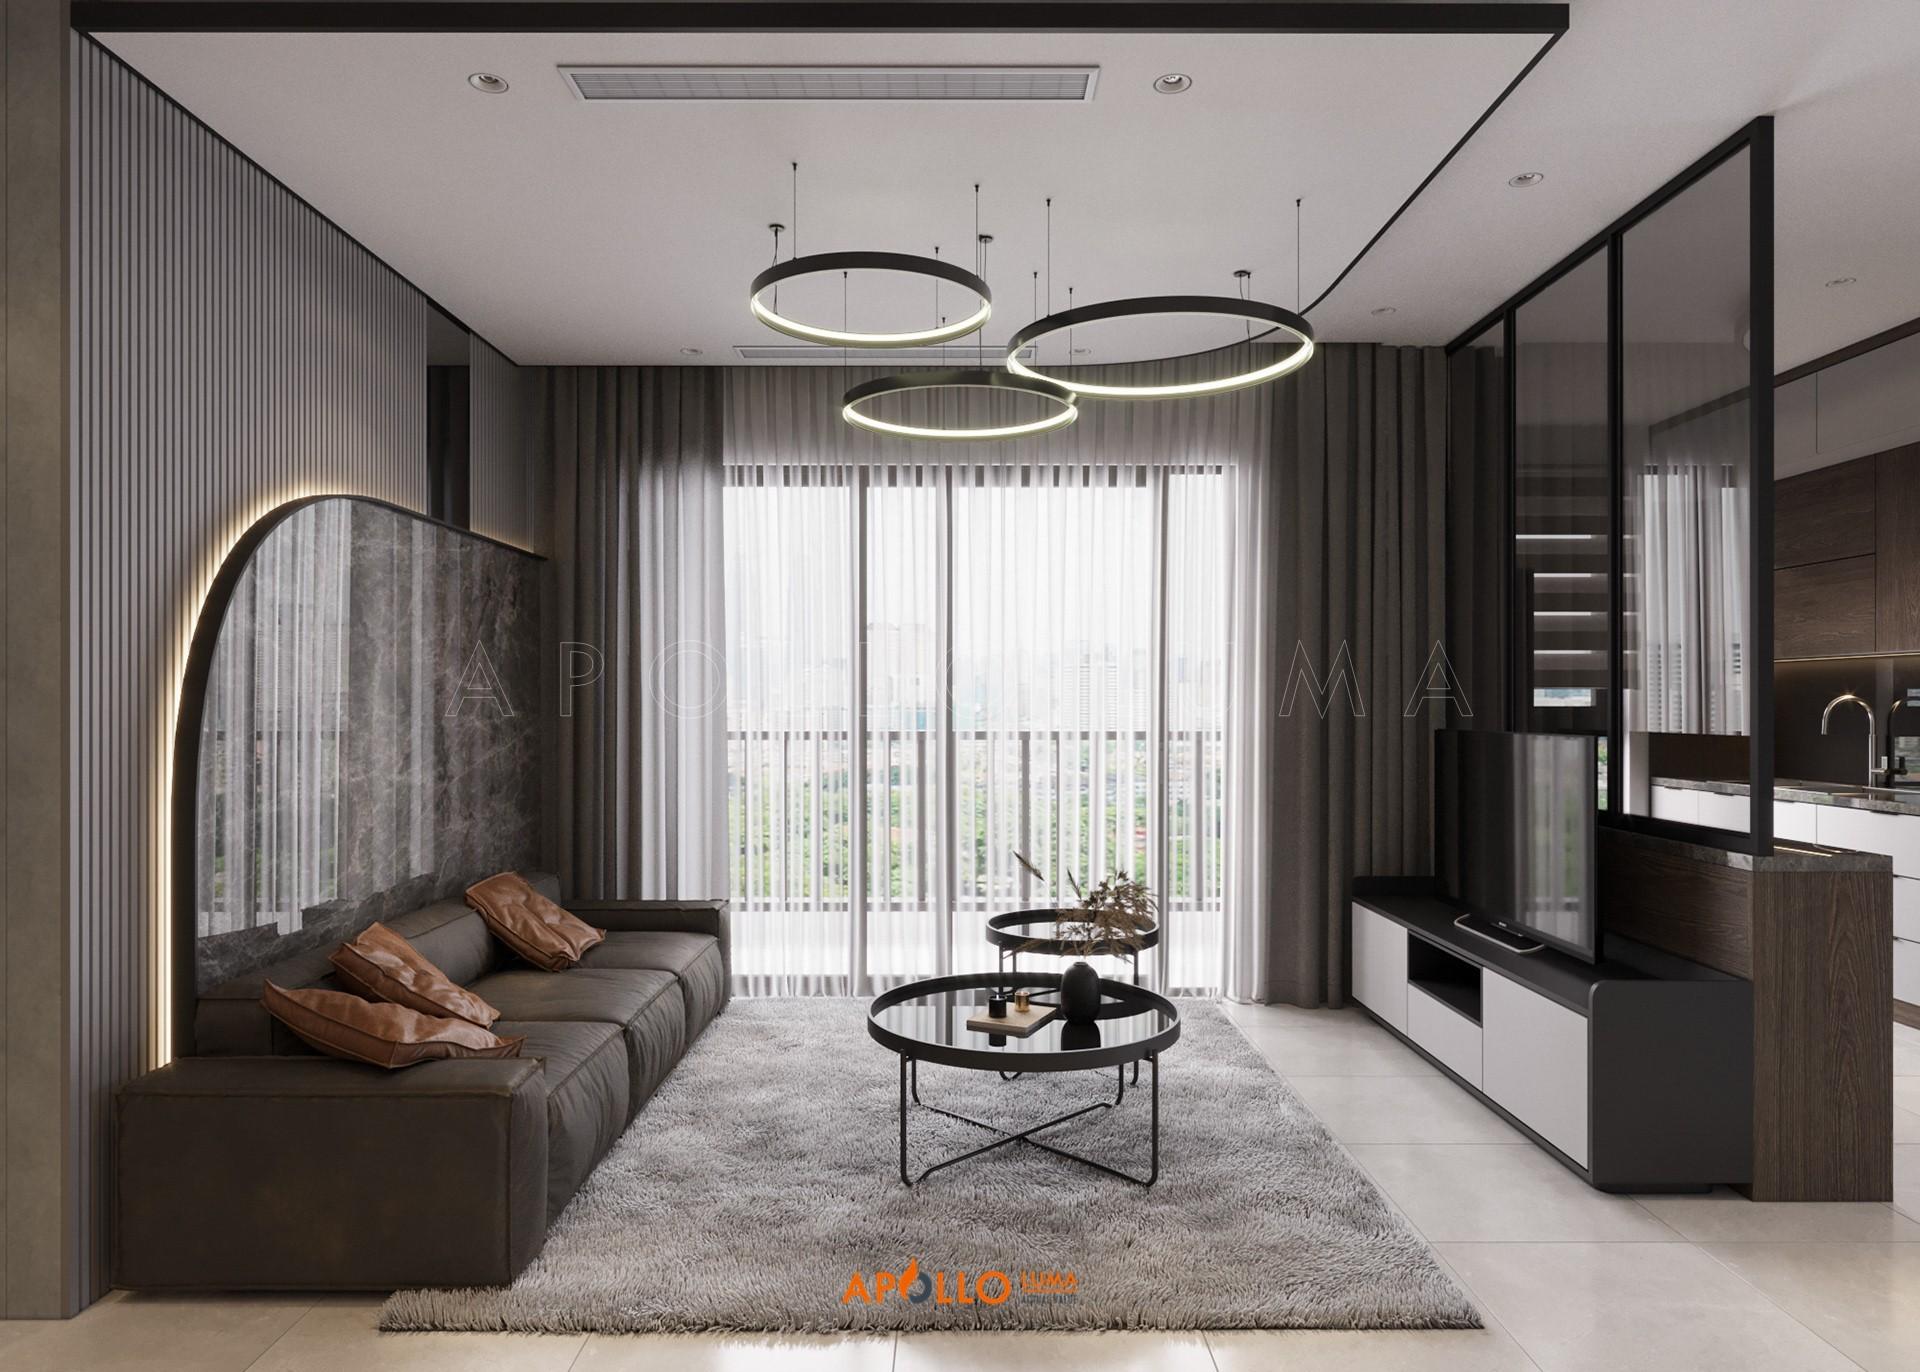 Thiết kế nộiaThiết kế nội thất căn 3PN (80m2) S3.03-15A Vinhomes Smart City Tây Mỗ thất căn 3PN (106m2) S3.03-15A Vinhomes Smart City Tây Mỗ